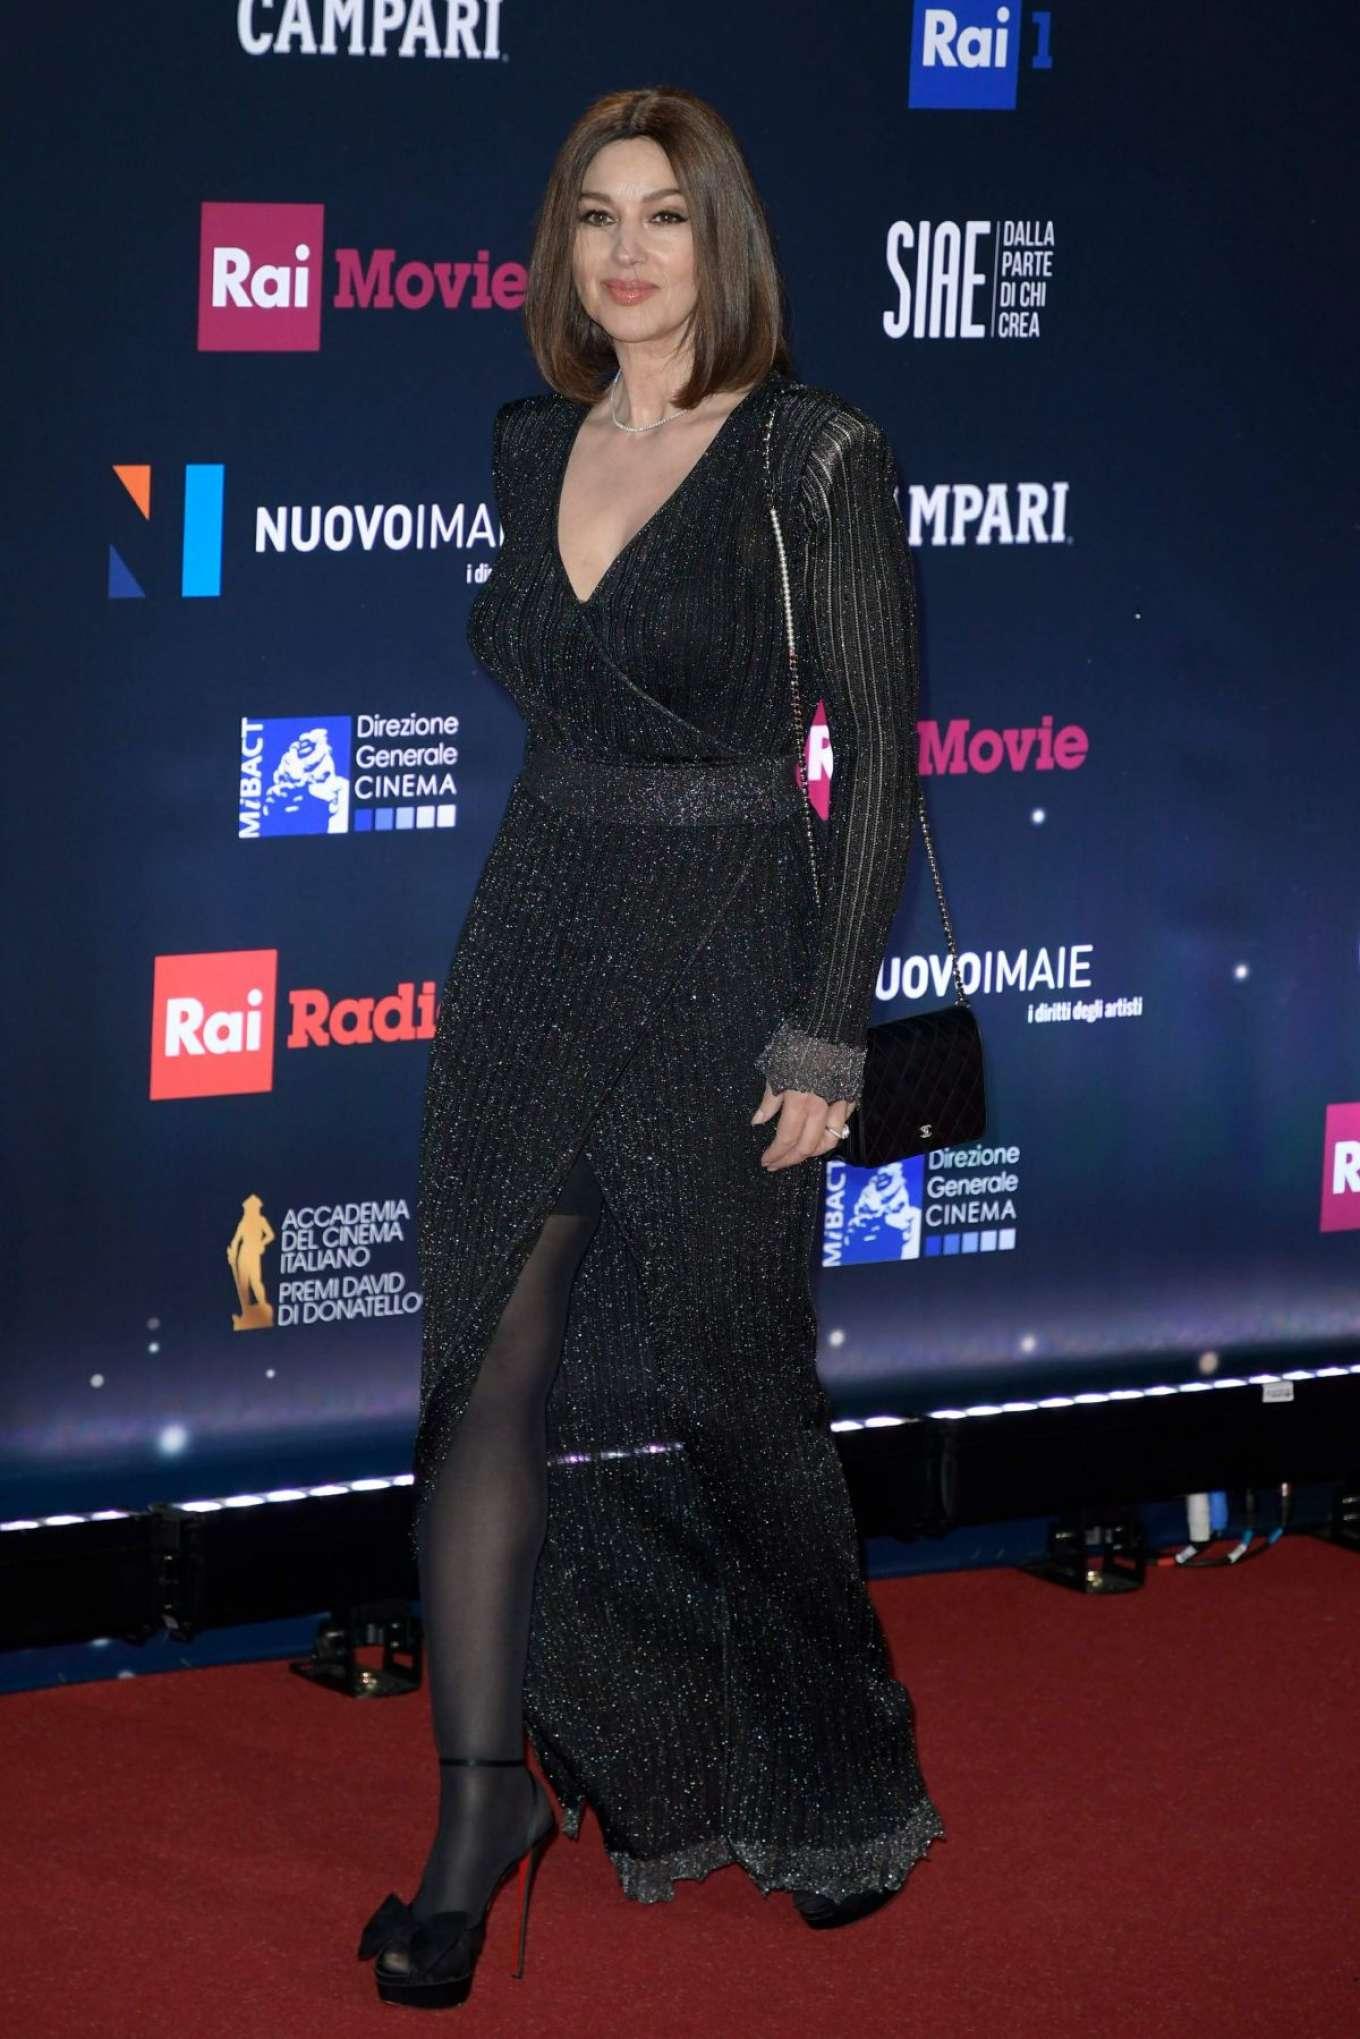 Monica Bellucci 2018 : Monica Bellucci: David Di Donatello Award Ceremony 2018 -01